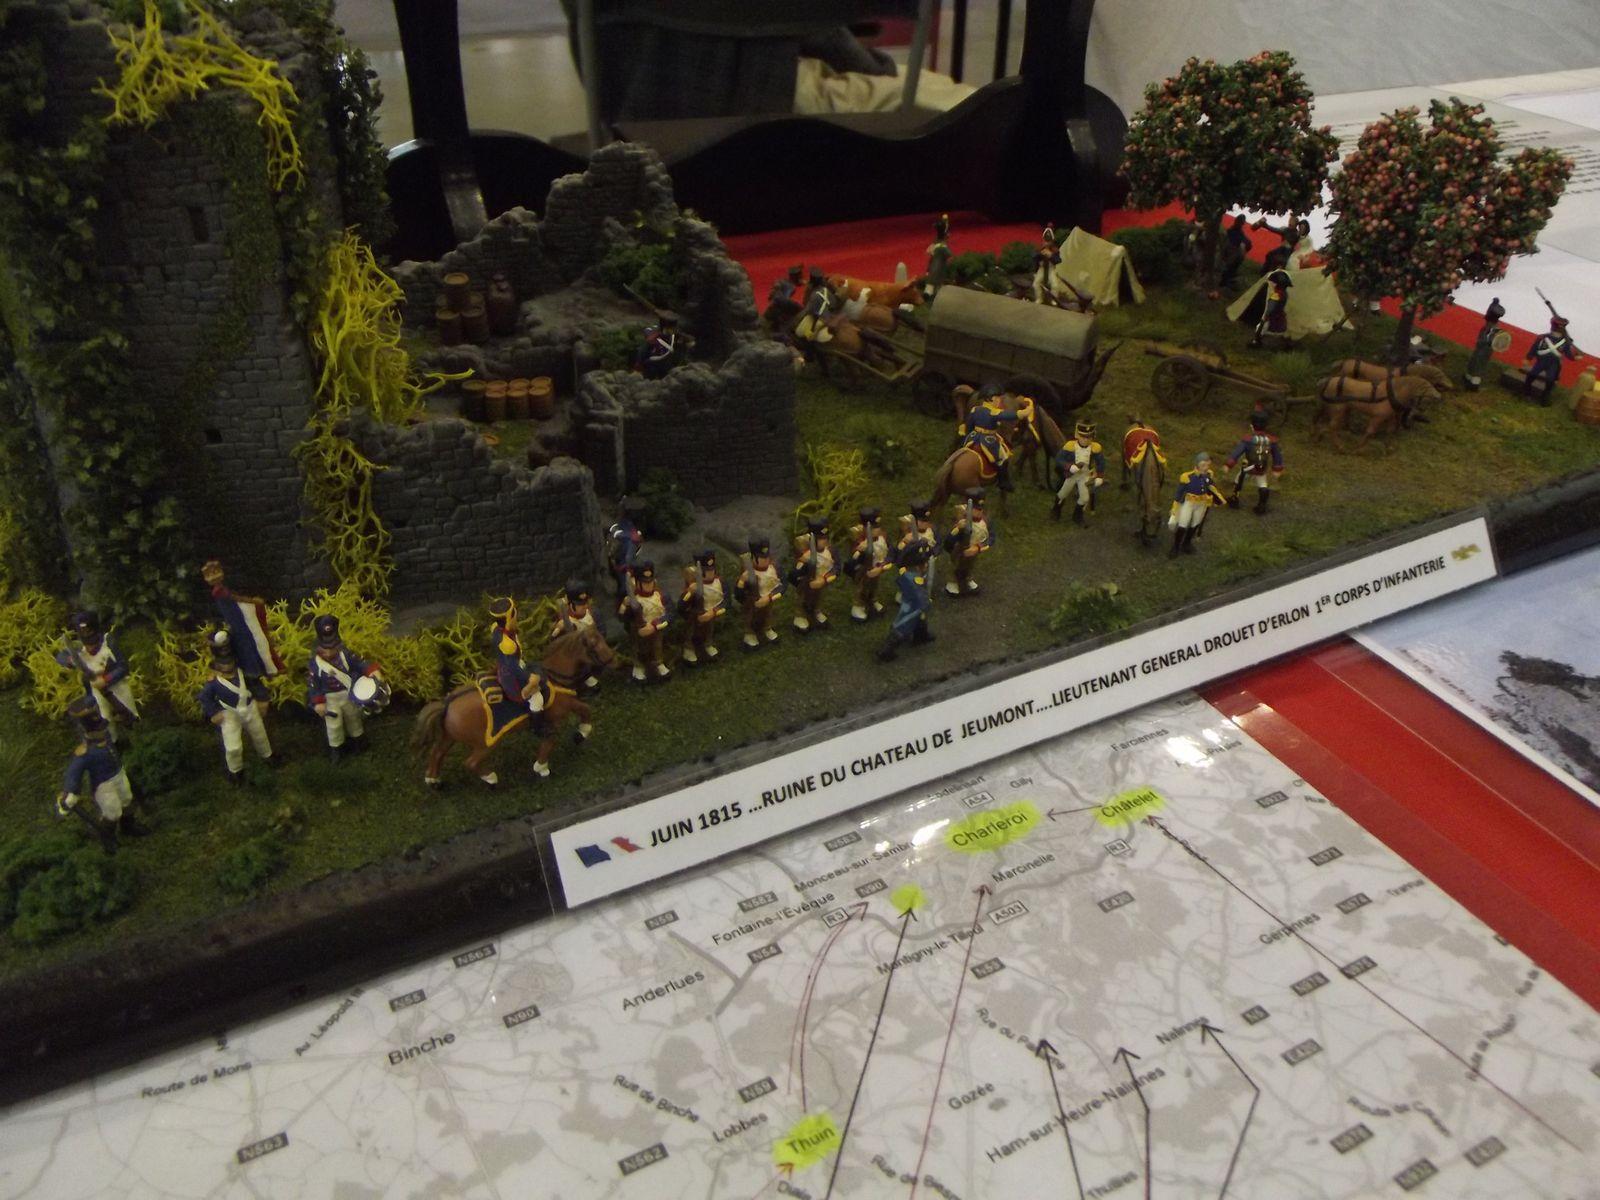 Une partie du  1er corps de Drouet d'Erlon ......................avant de rejoinde Solre sur Sambre ...........et ensuite direction Charleroi ...............Waterloo n'est pas loin .................